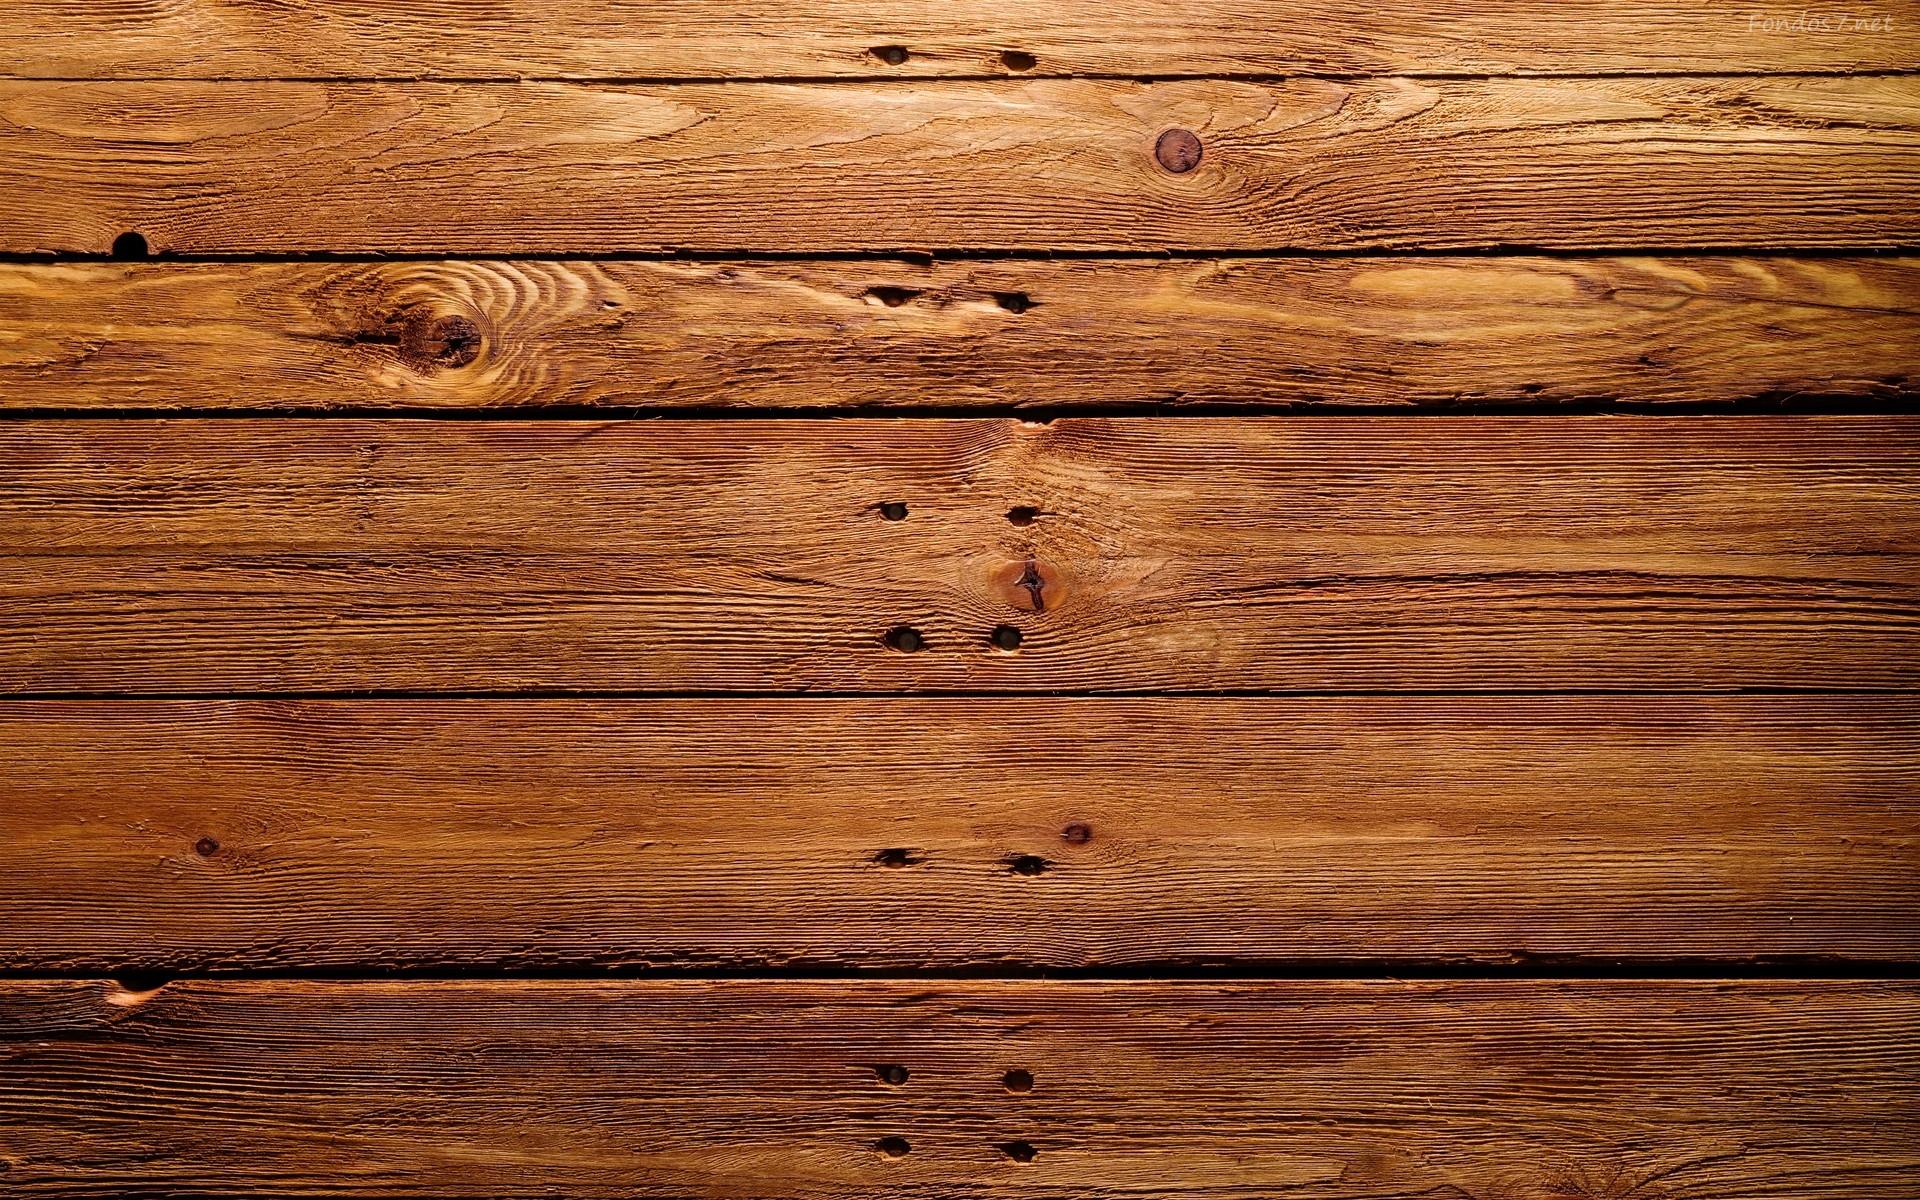 Descargar Fondos de pantalla texturas de superficie maderas hd 1920x1200